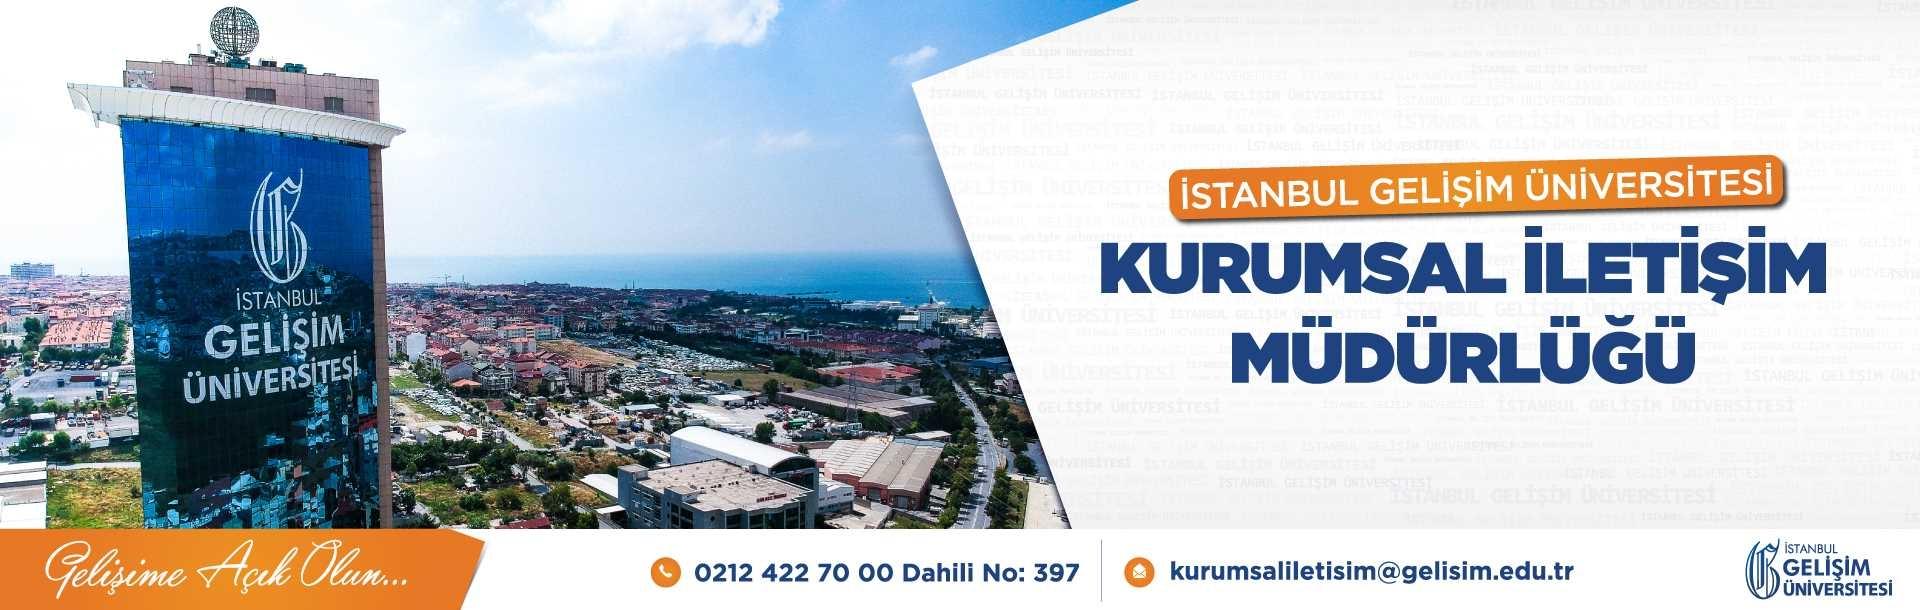 İstanbul Gelişim Üniversitesi Kurumsal İletişim Müdürlüğü